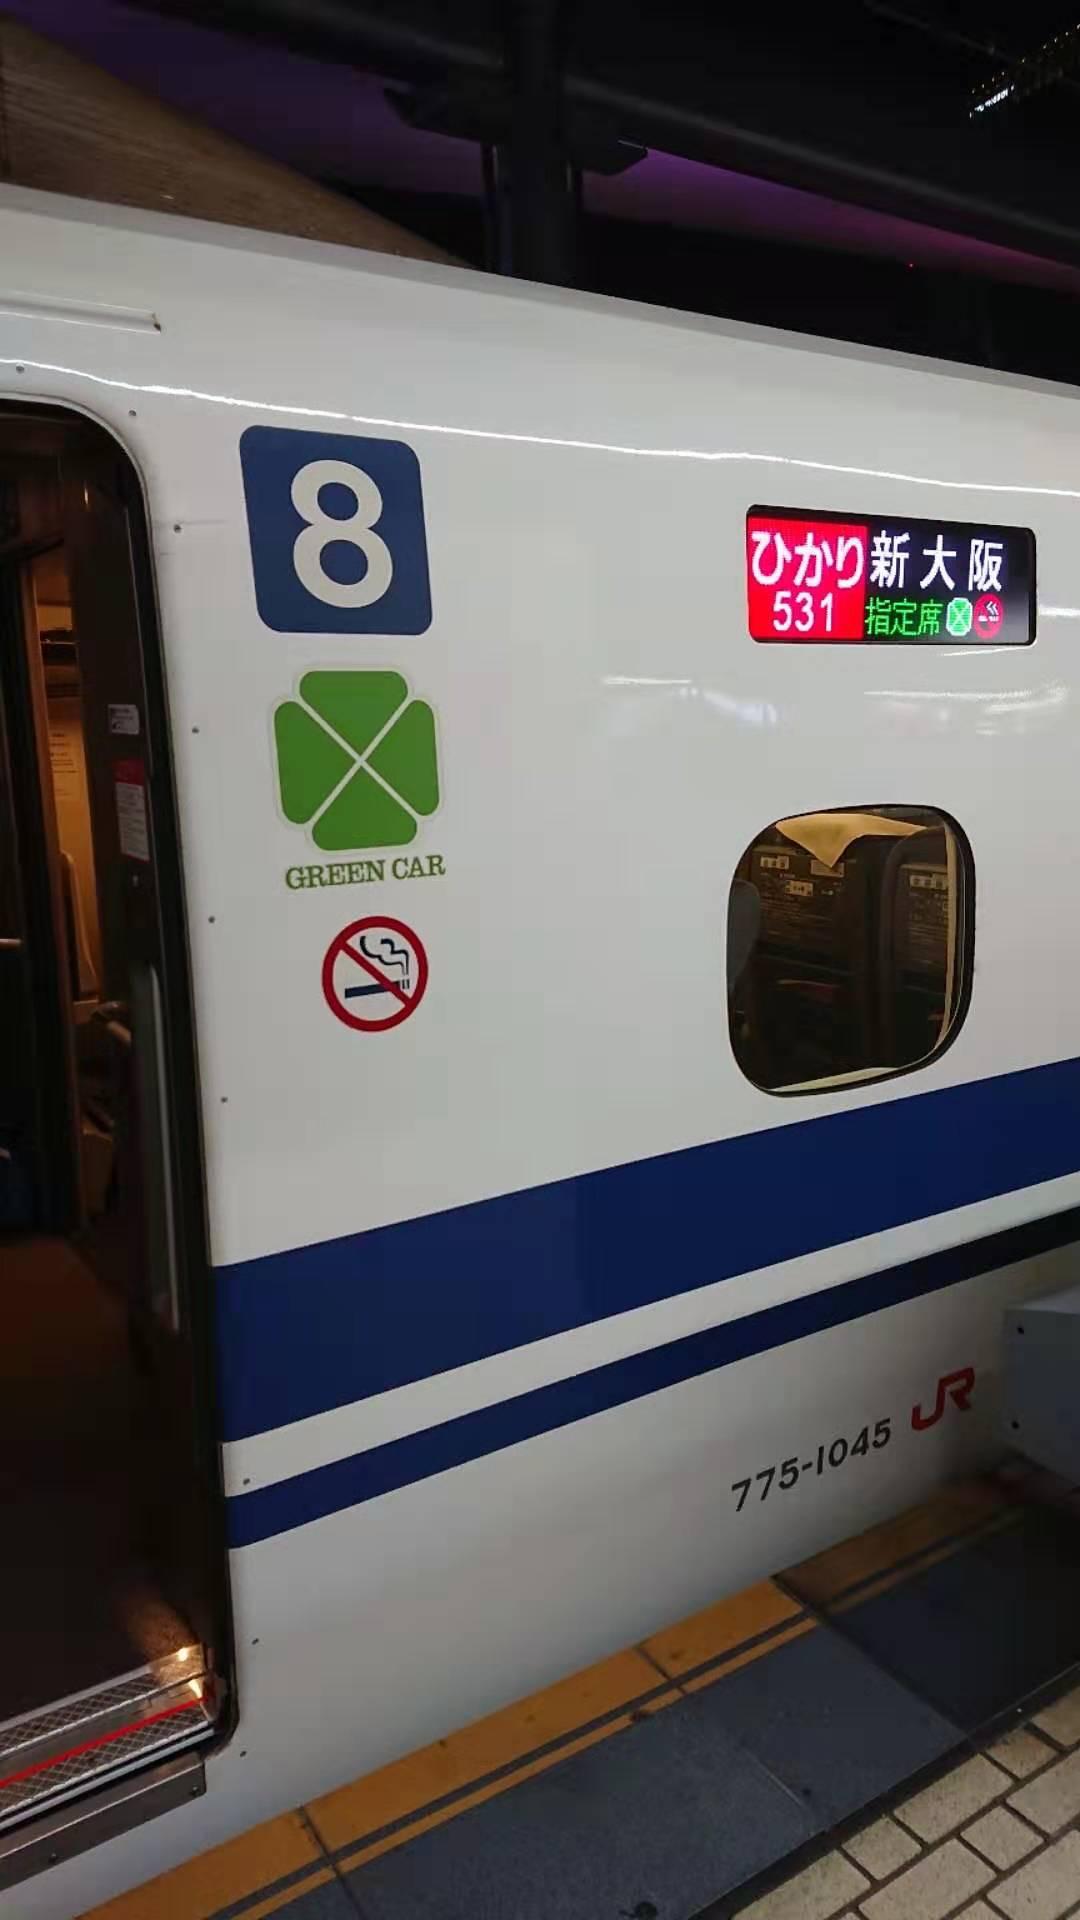 【人生初】東海道新幹線の快適すぎるグリーン車にたった150円だけ払って乗ってみた お金がなくても格安で乗る方法 のぞみのグリーン車にも